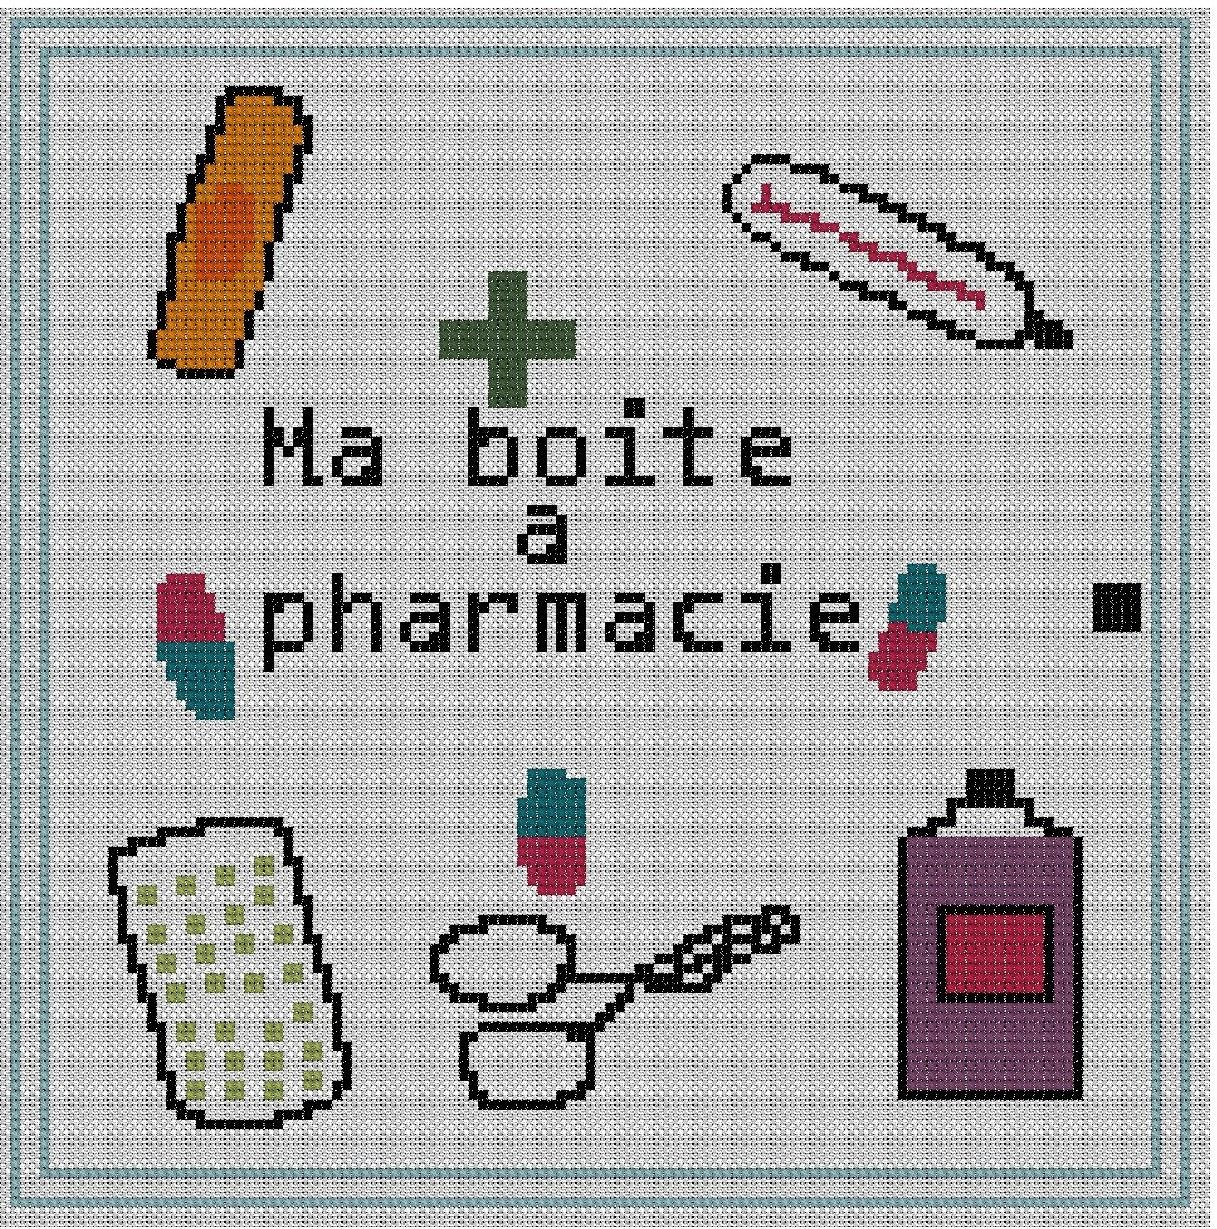 grille point de croix pdf ma boite pharmacie tutoriels de fabrication par grillabroder. Black Bedroom Furniture Sets. Home Design Ideas